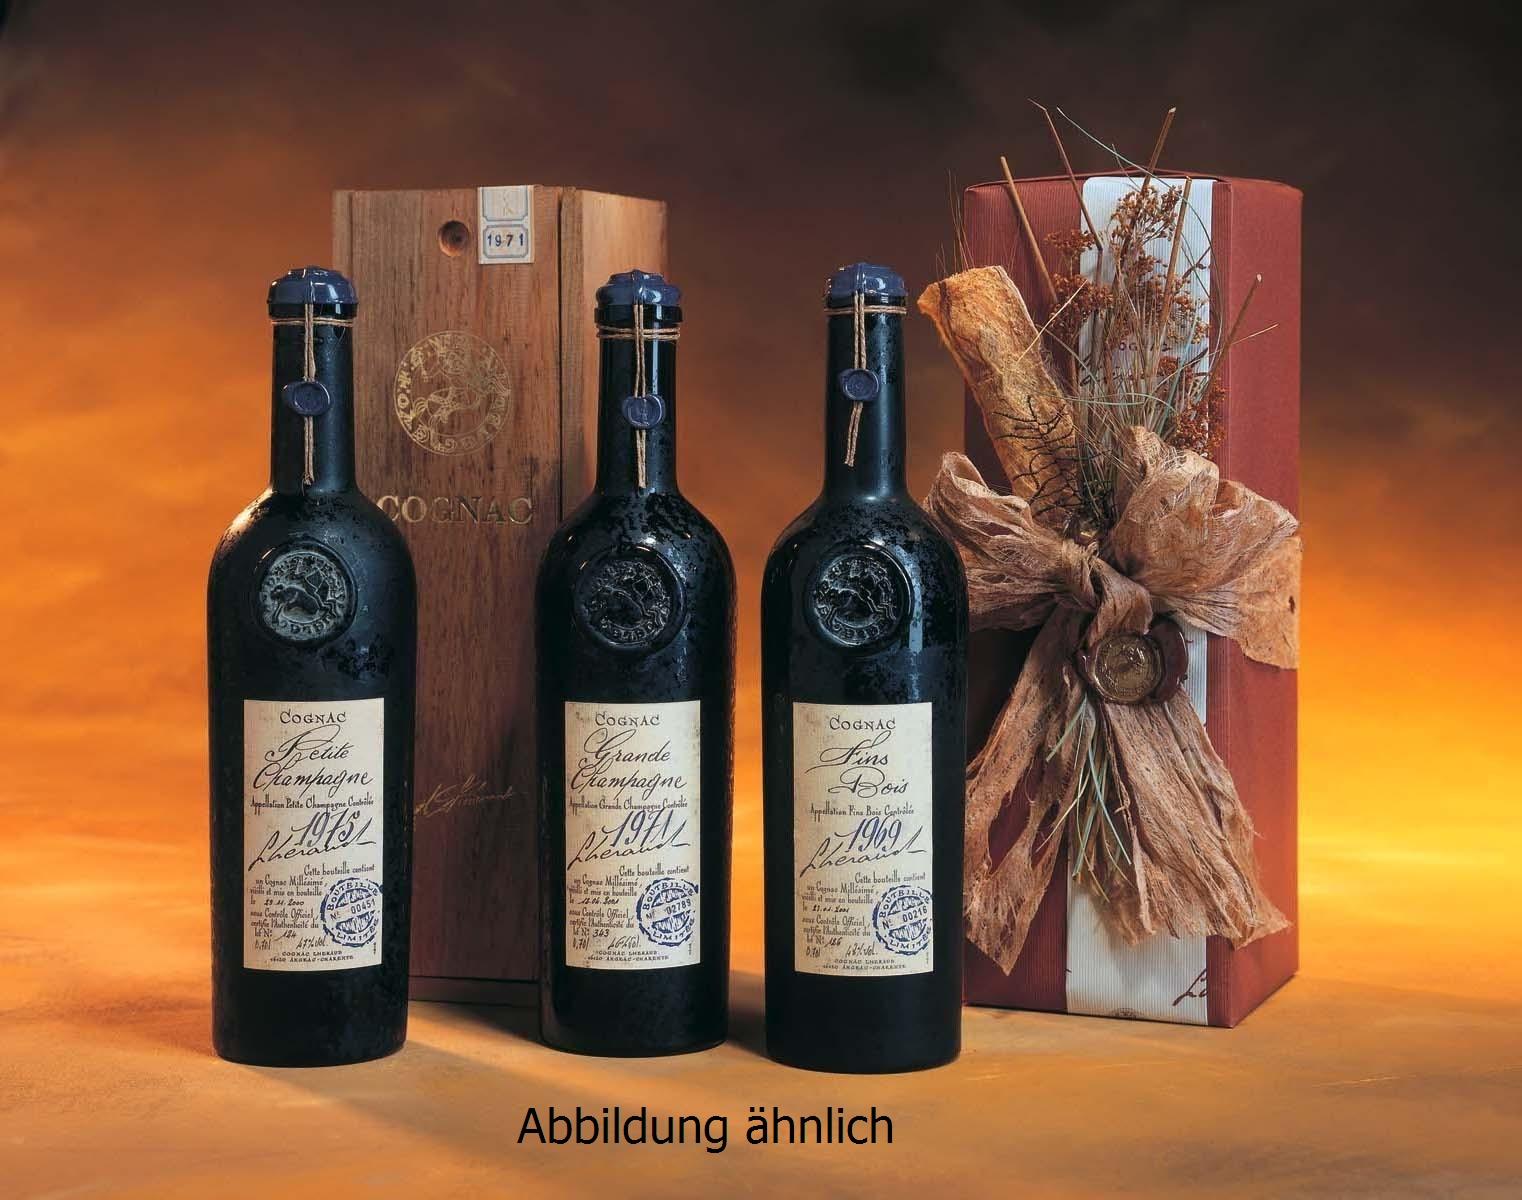 Cognac 1942 Lheraud